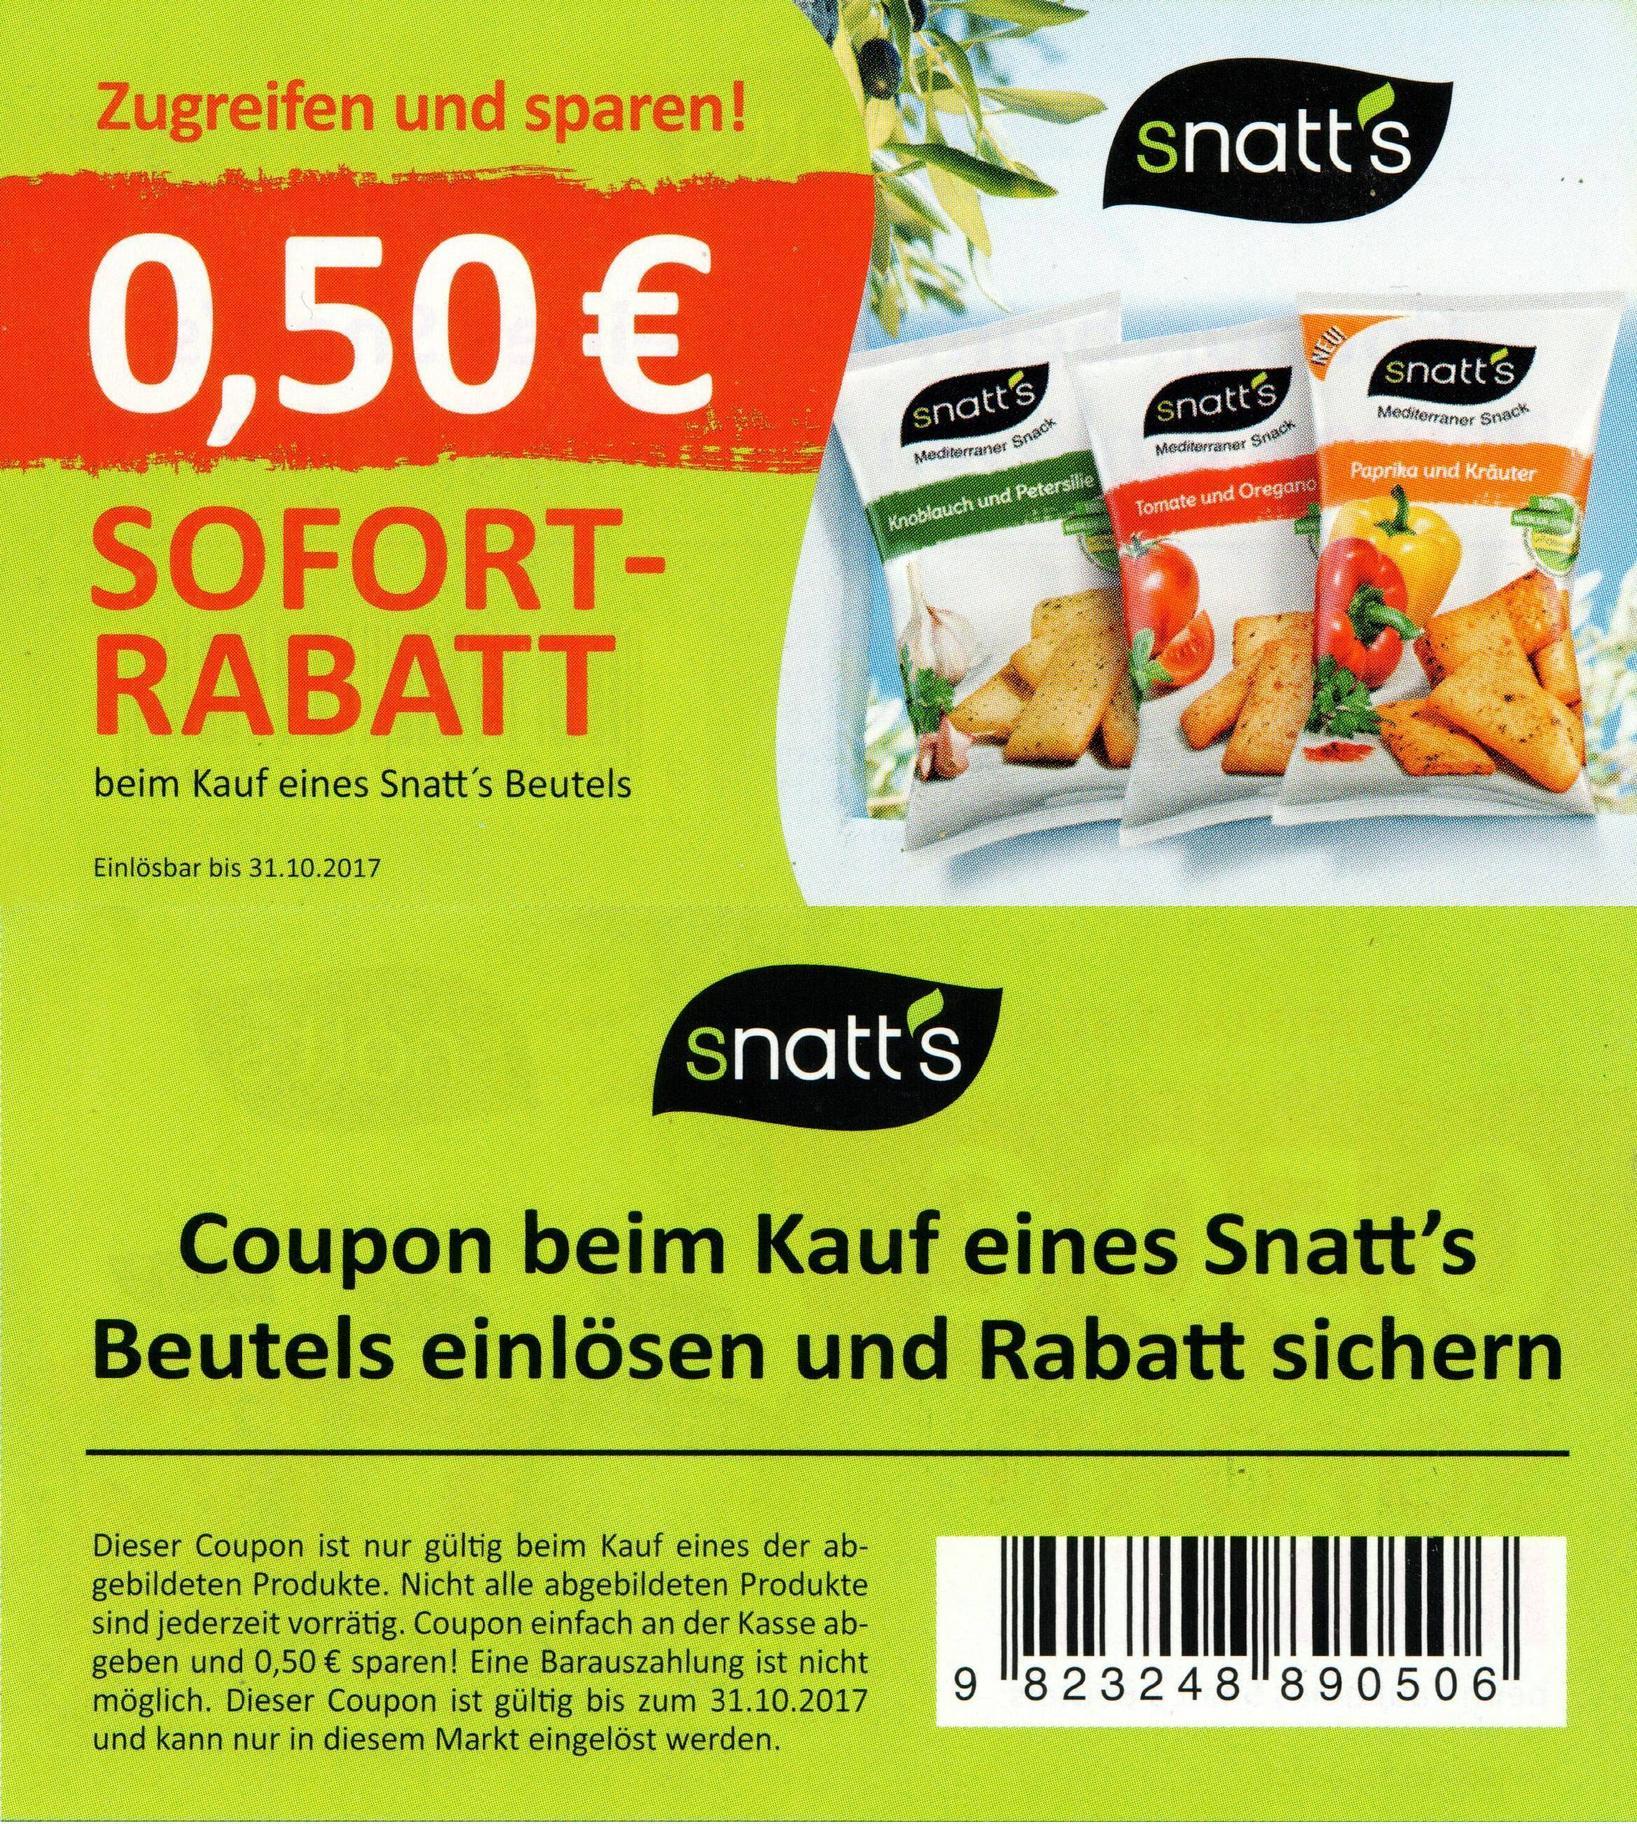 0,50€ Sofort-Rabatt-Coupon für Kauf eines Snatt's Beutels